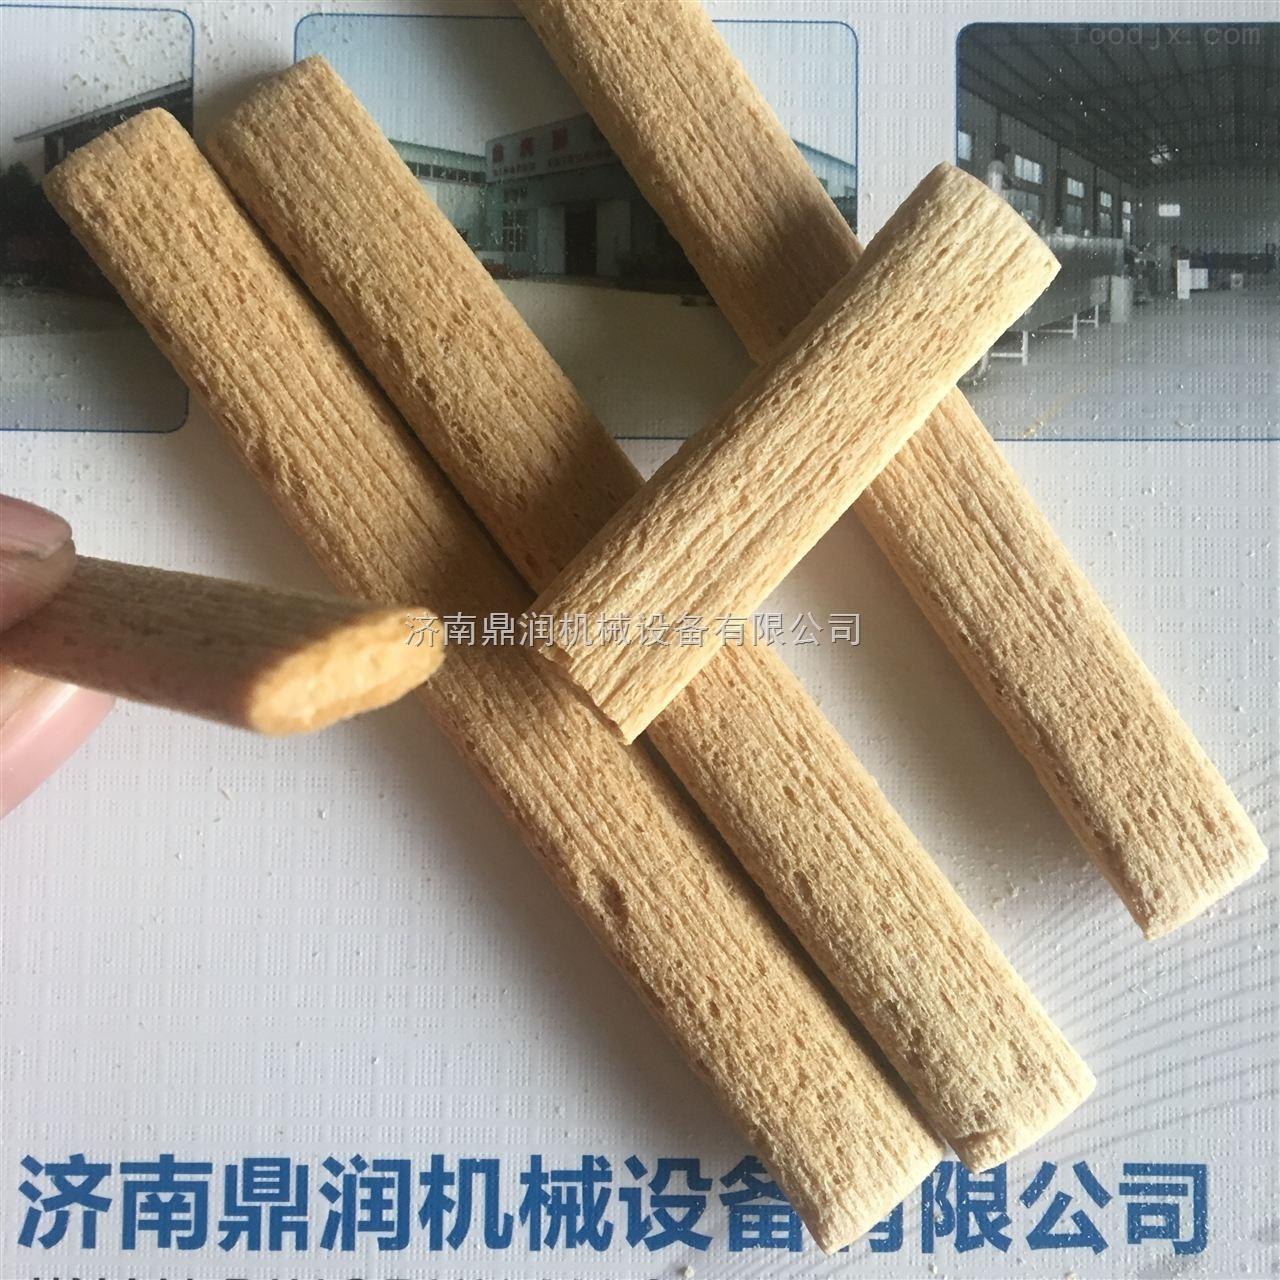 细夹心米果食品生产线